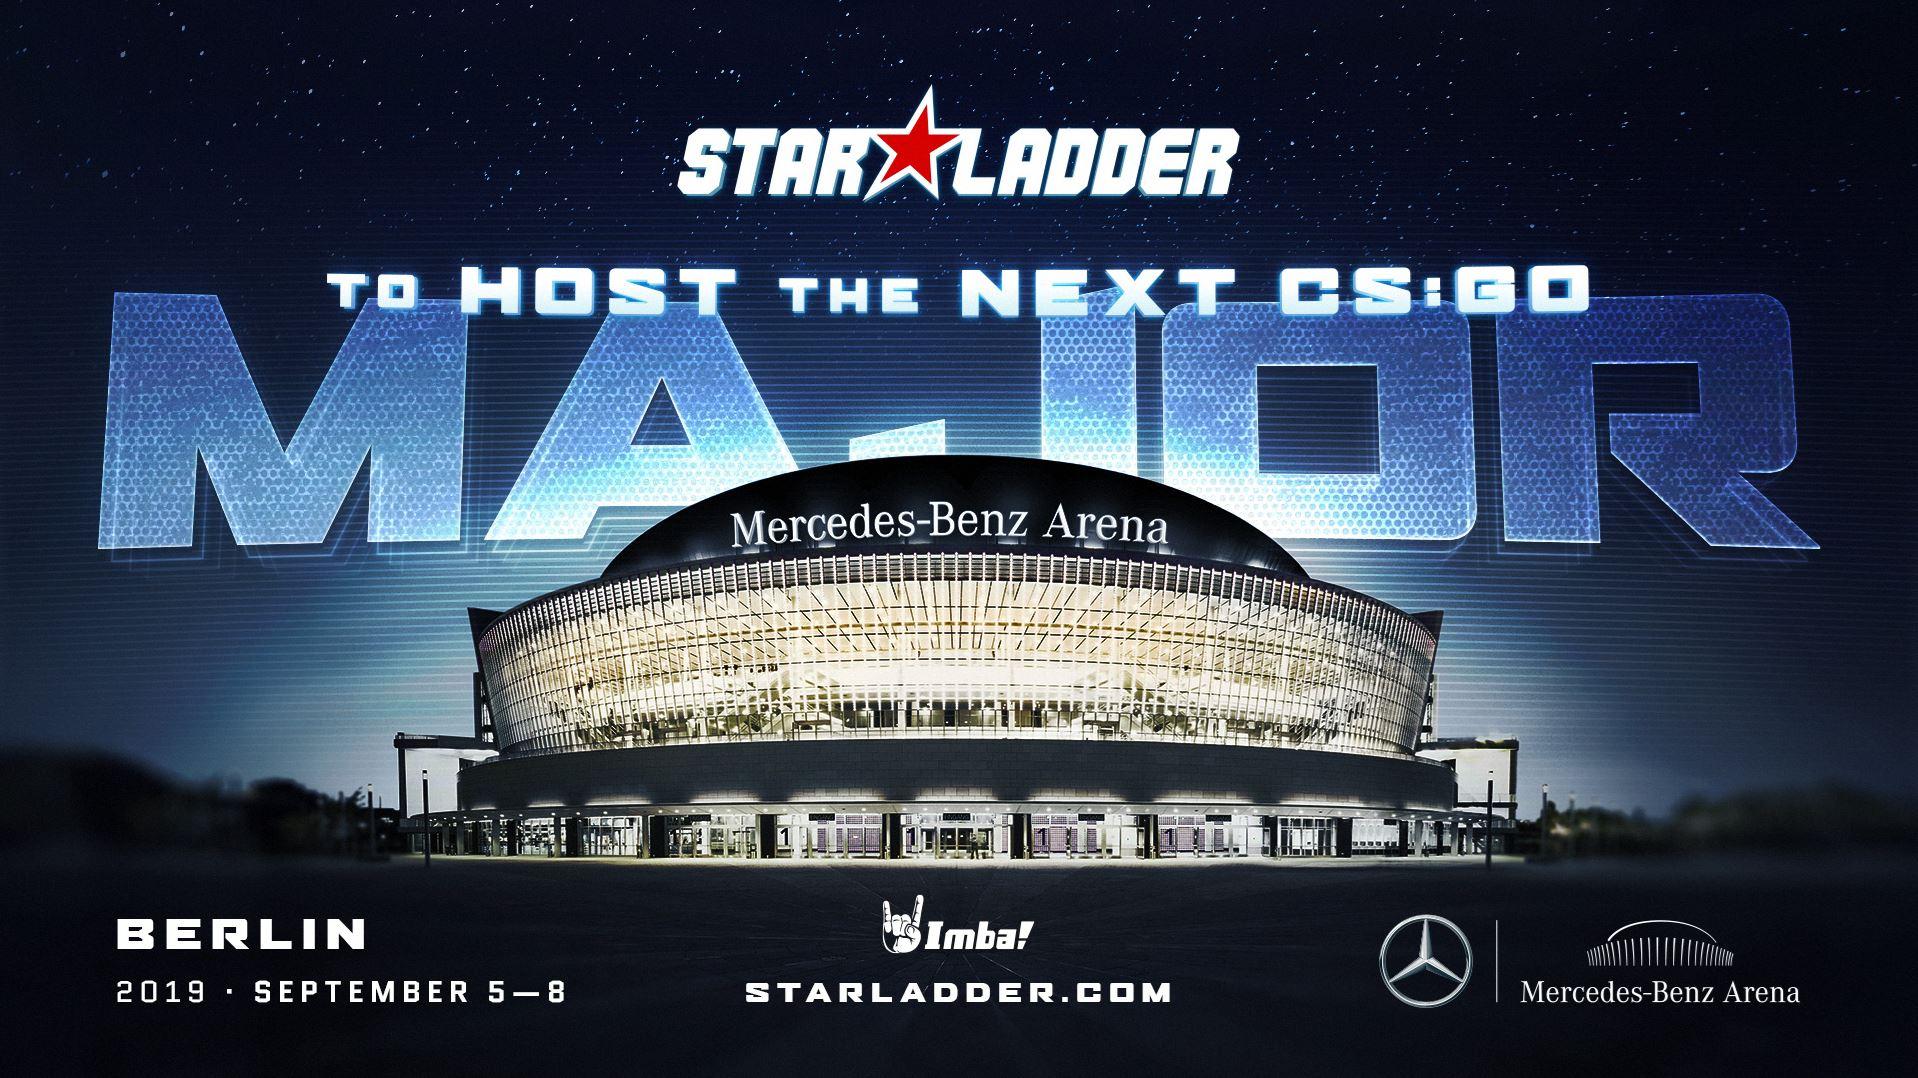 Анонс за следващия значим CS:GO шампионат с домакини Star Lader през 05 — 08 септември 2019 г.